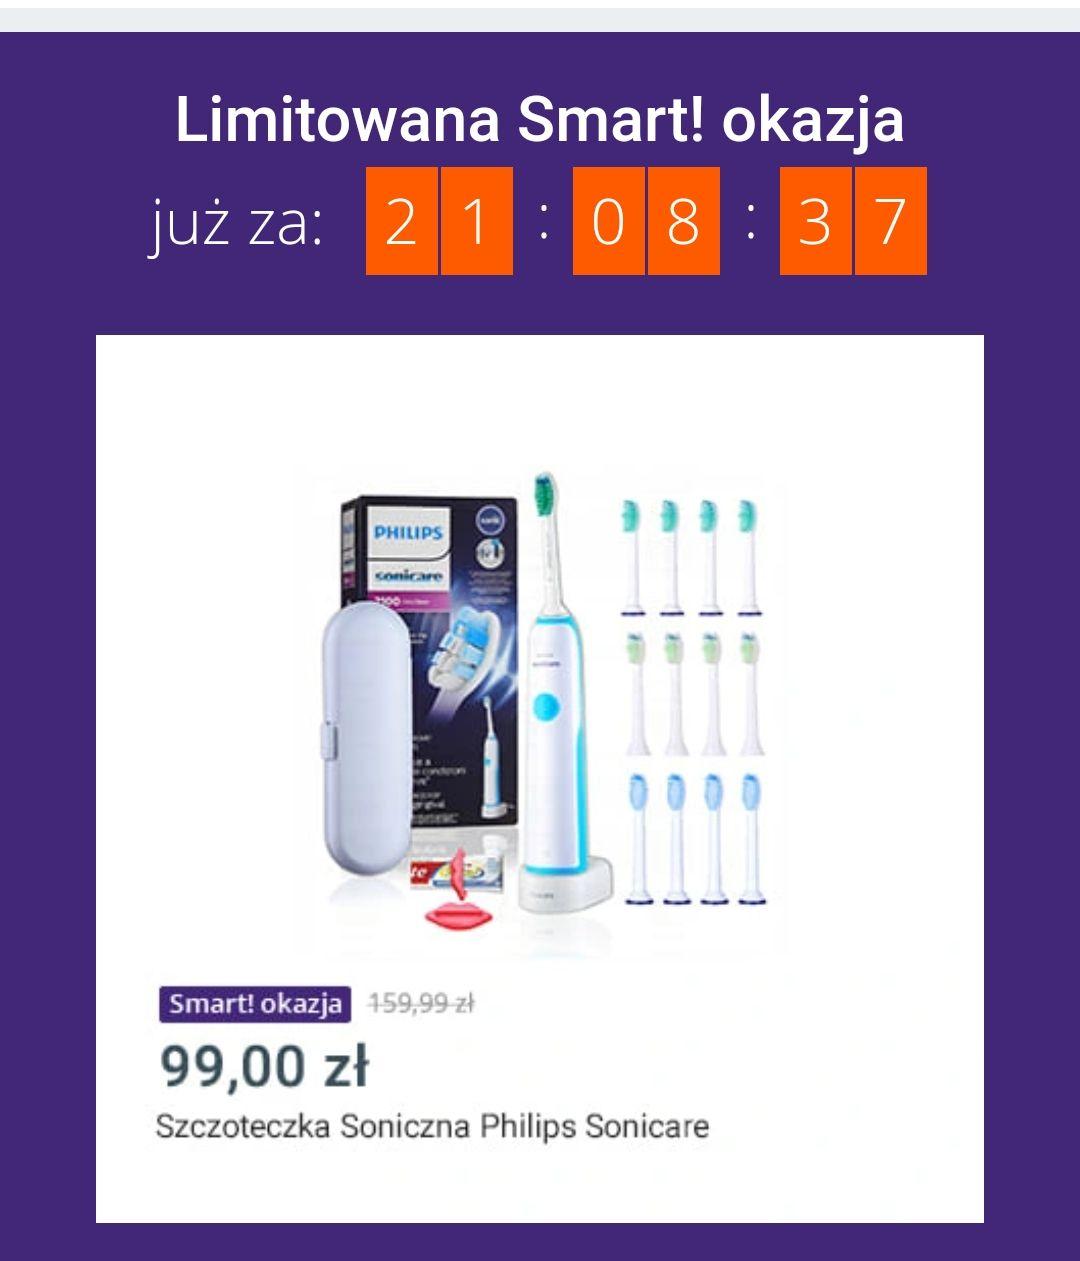 Szczoteczka Philips Sonicare zestaw w Smart okazjach Allegro